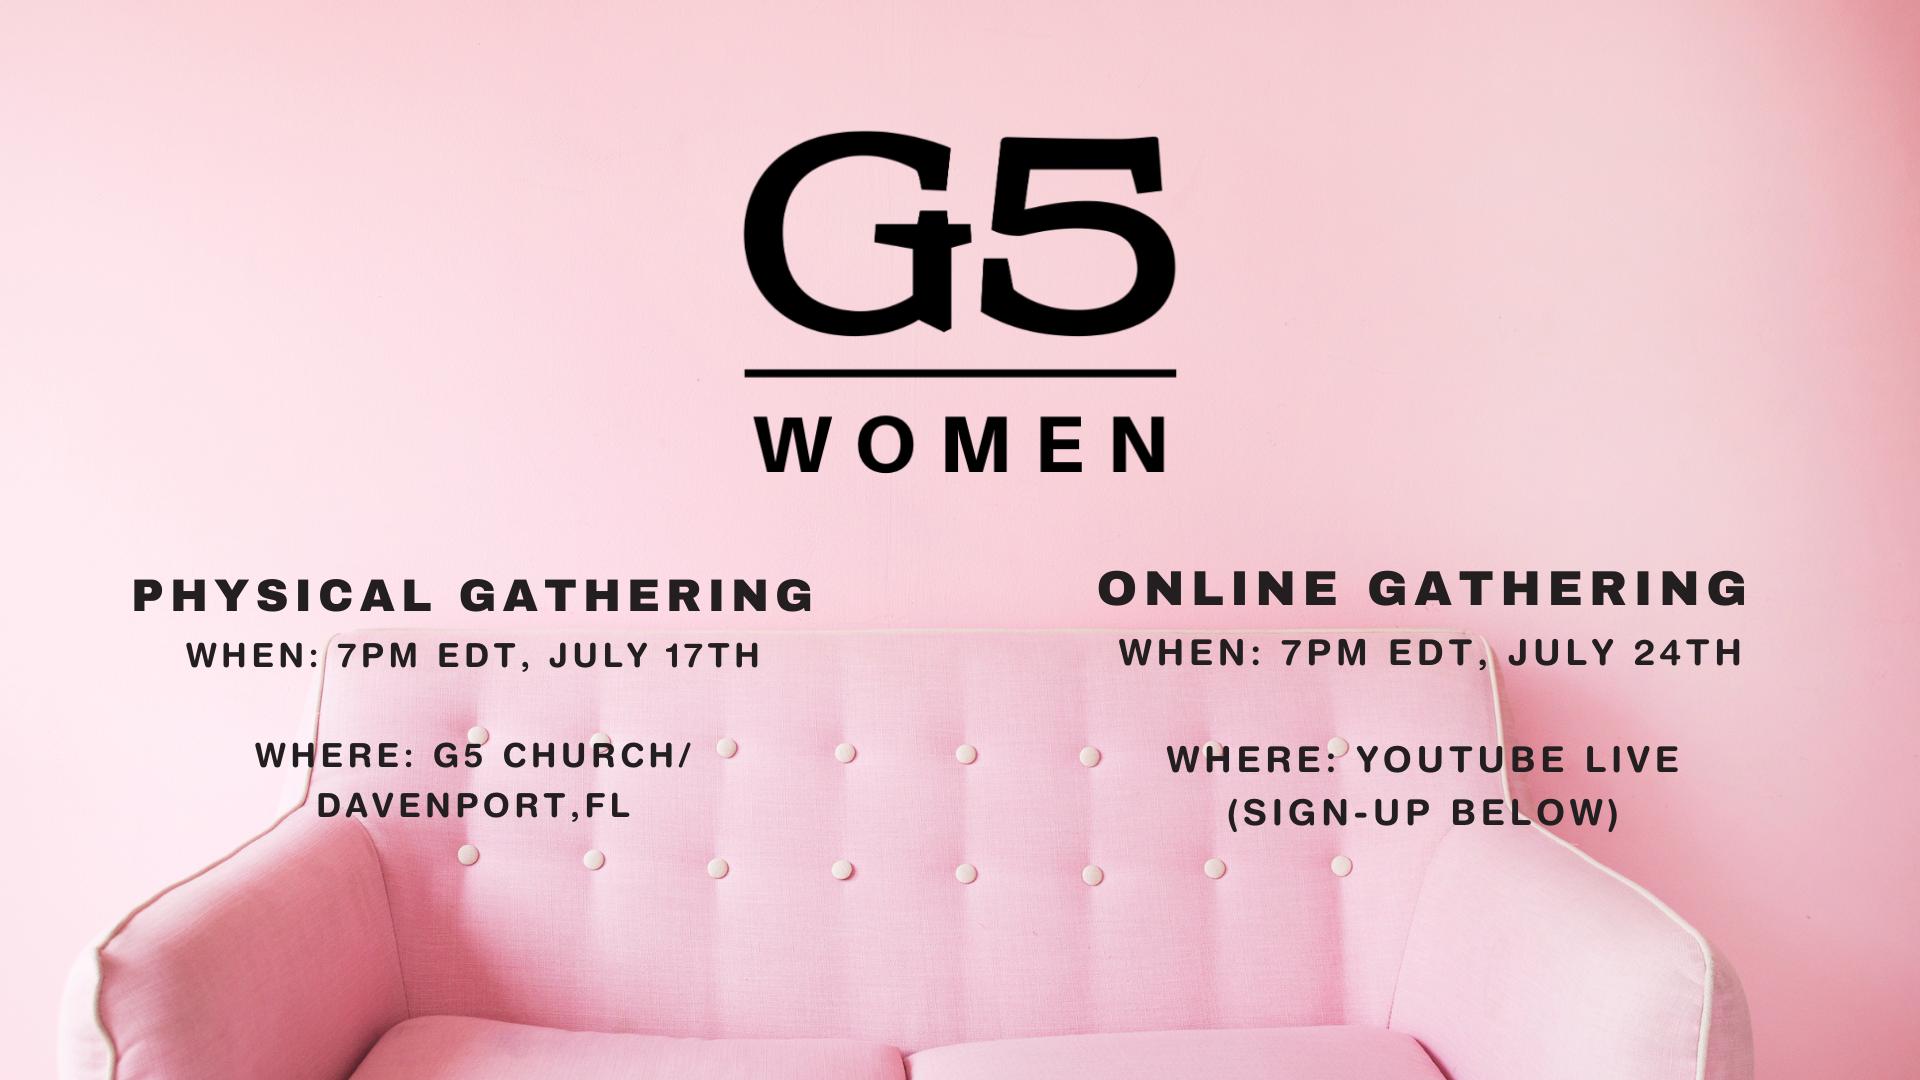 G5 WOMEN PROMO JULY